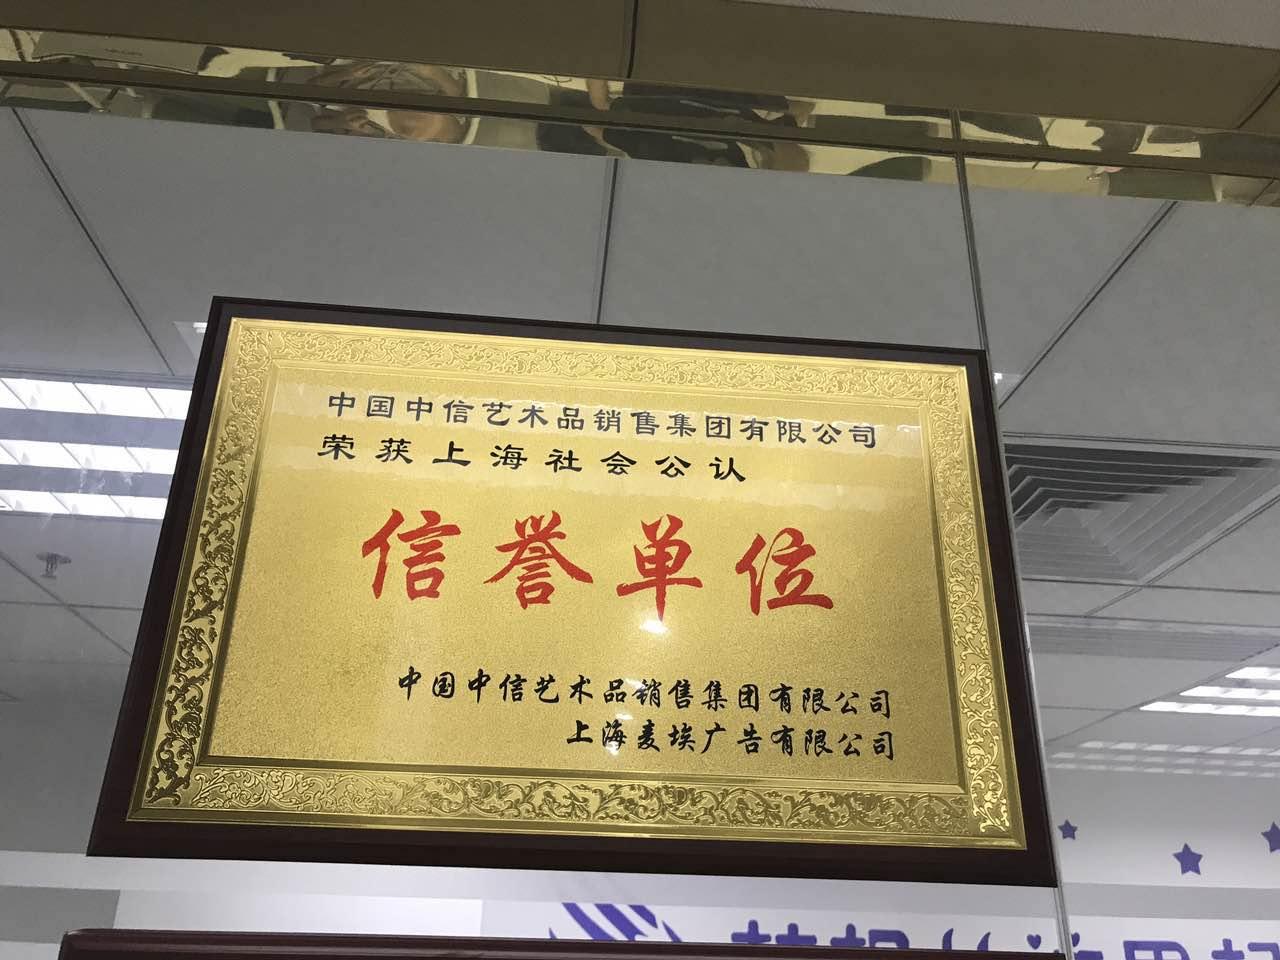 中国中信艺术品销售有限公司、公平、公正、公开、